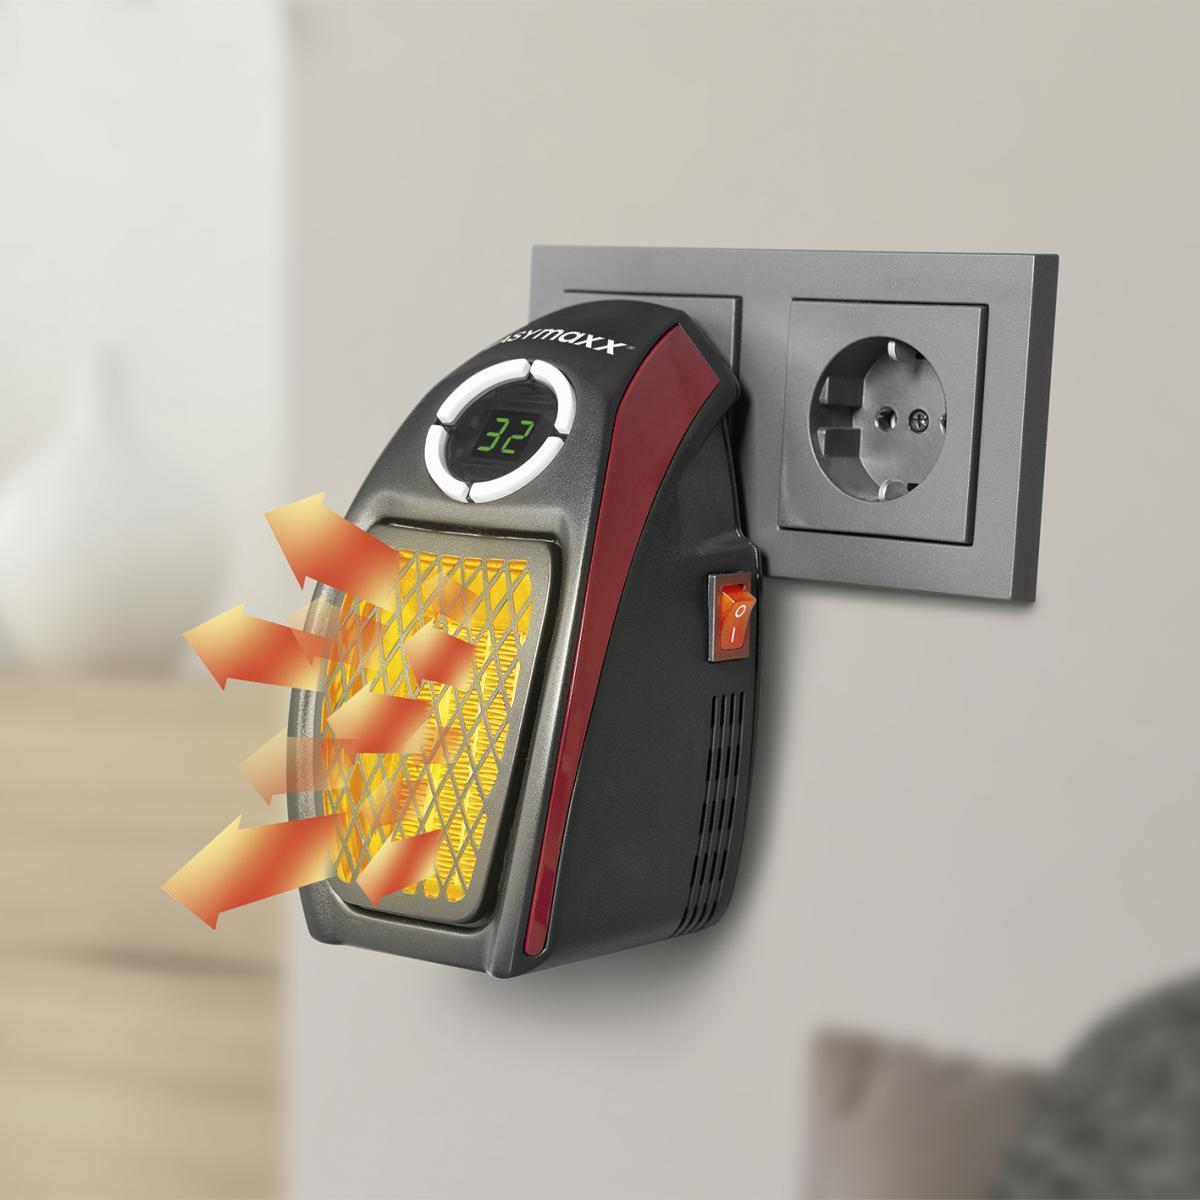 Bild 1 von EASYmaxx Mini-Heizung 500W schwarz/rot